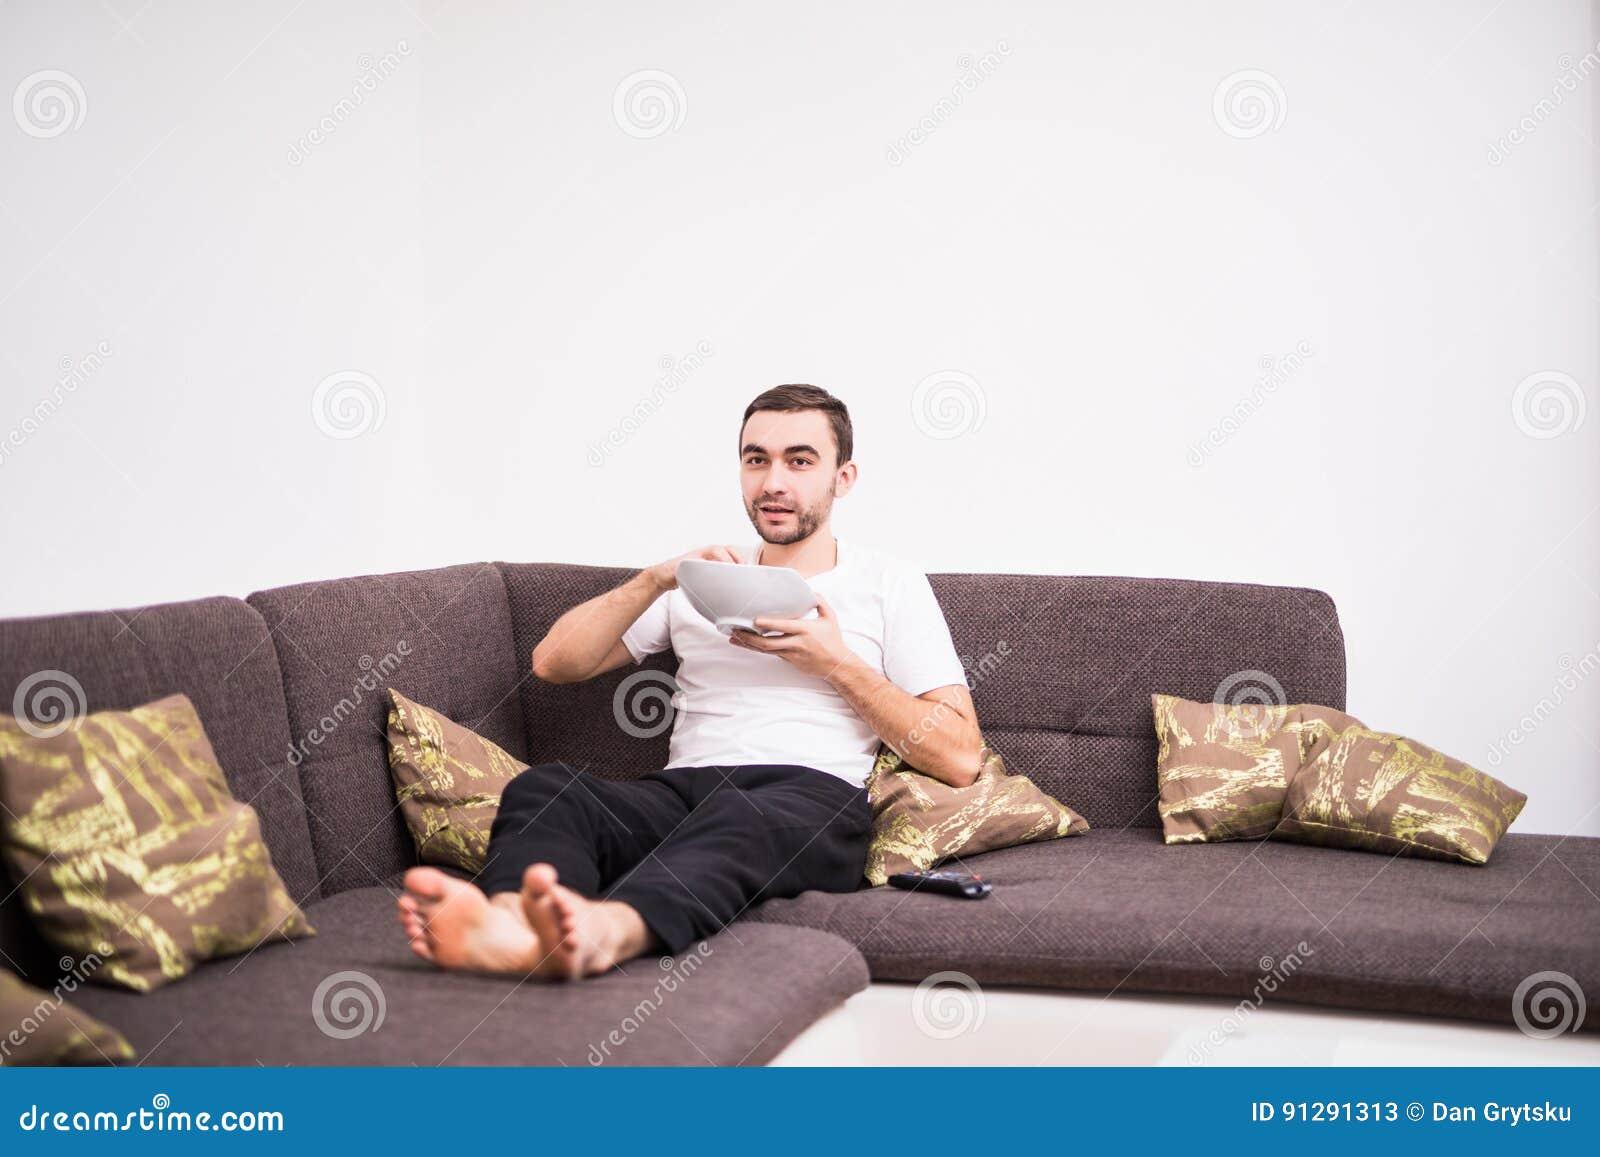 Młody przystojny mężczyzna ogląda TV na kanapie w mieszkaniu w domu